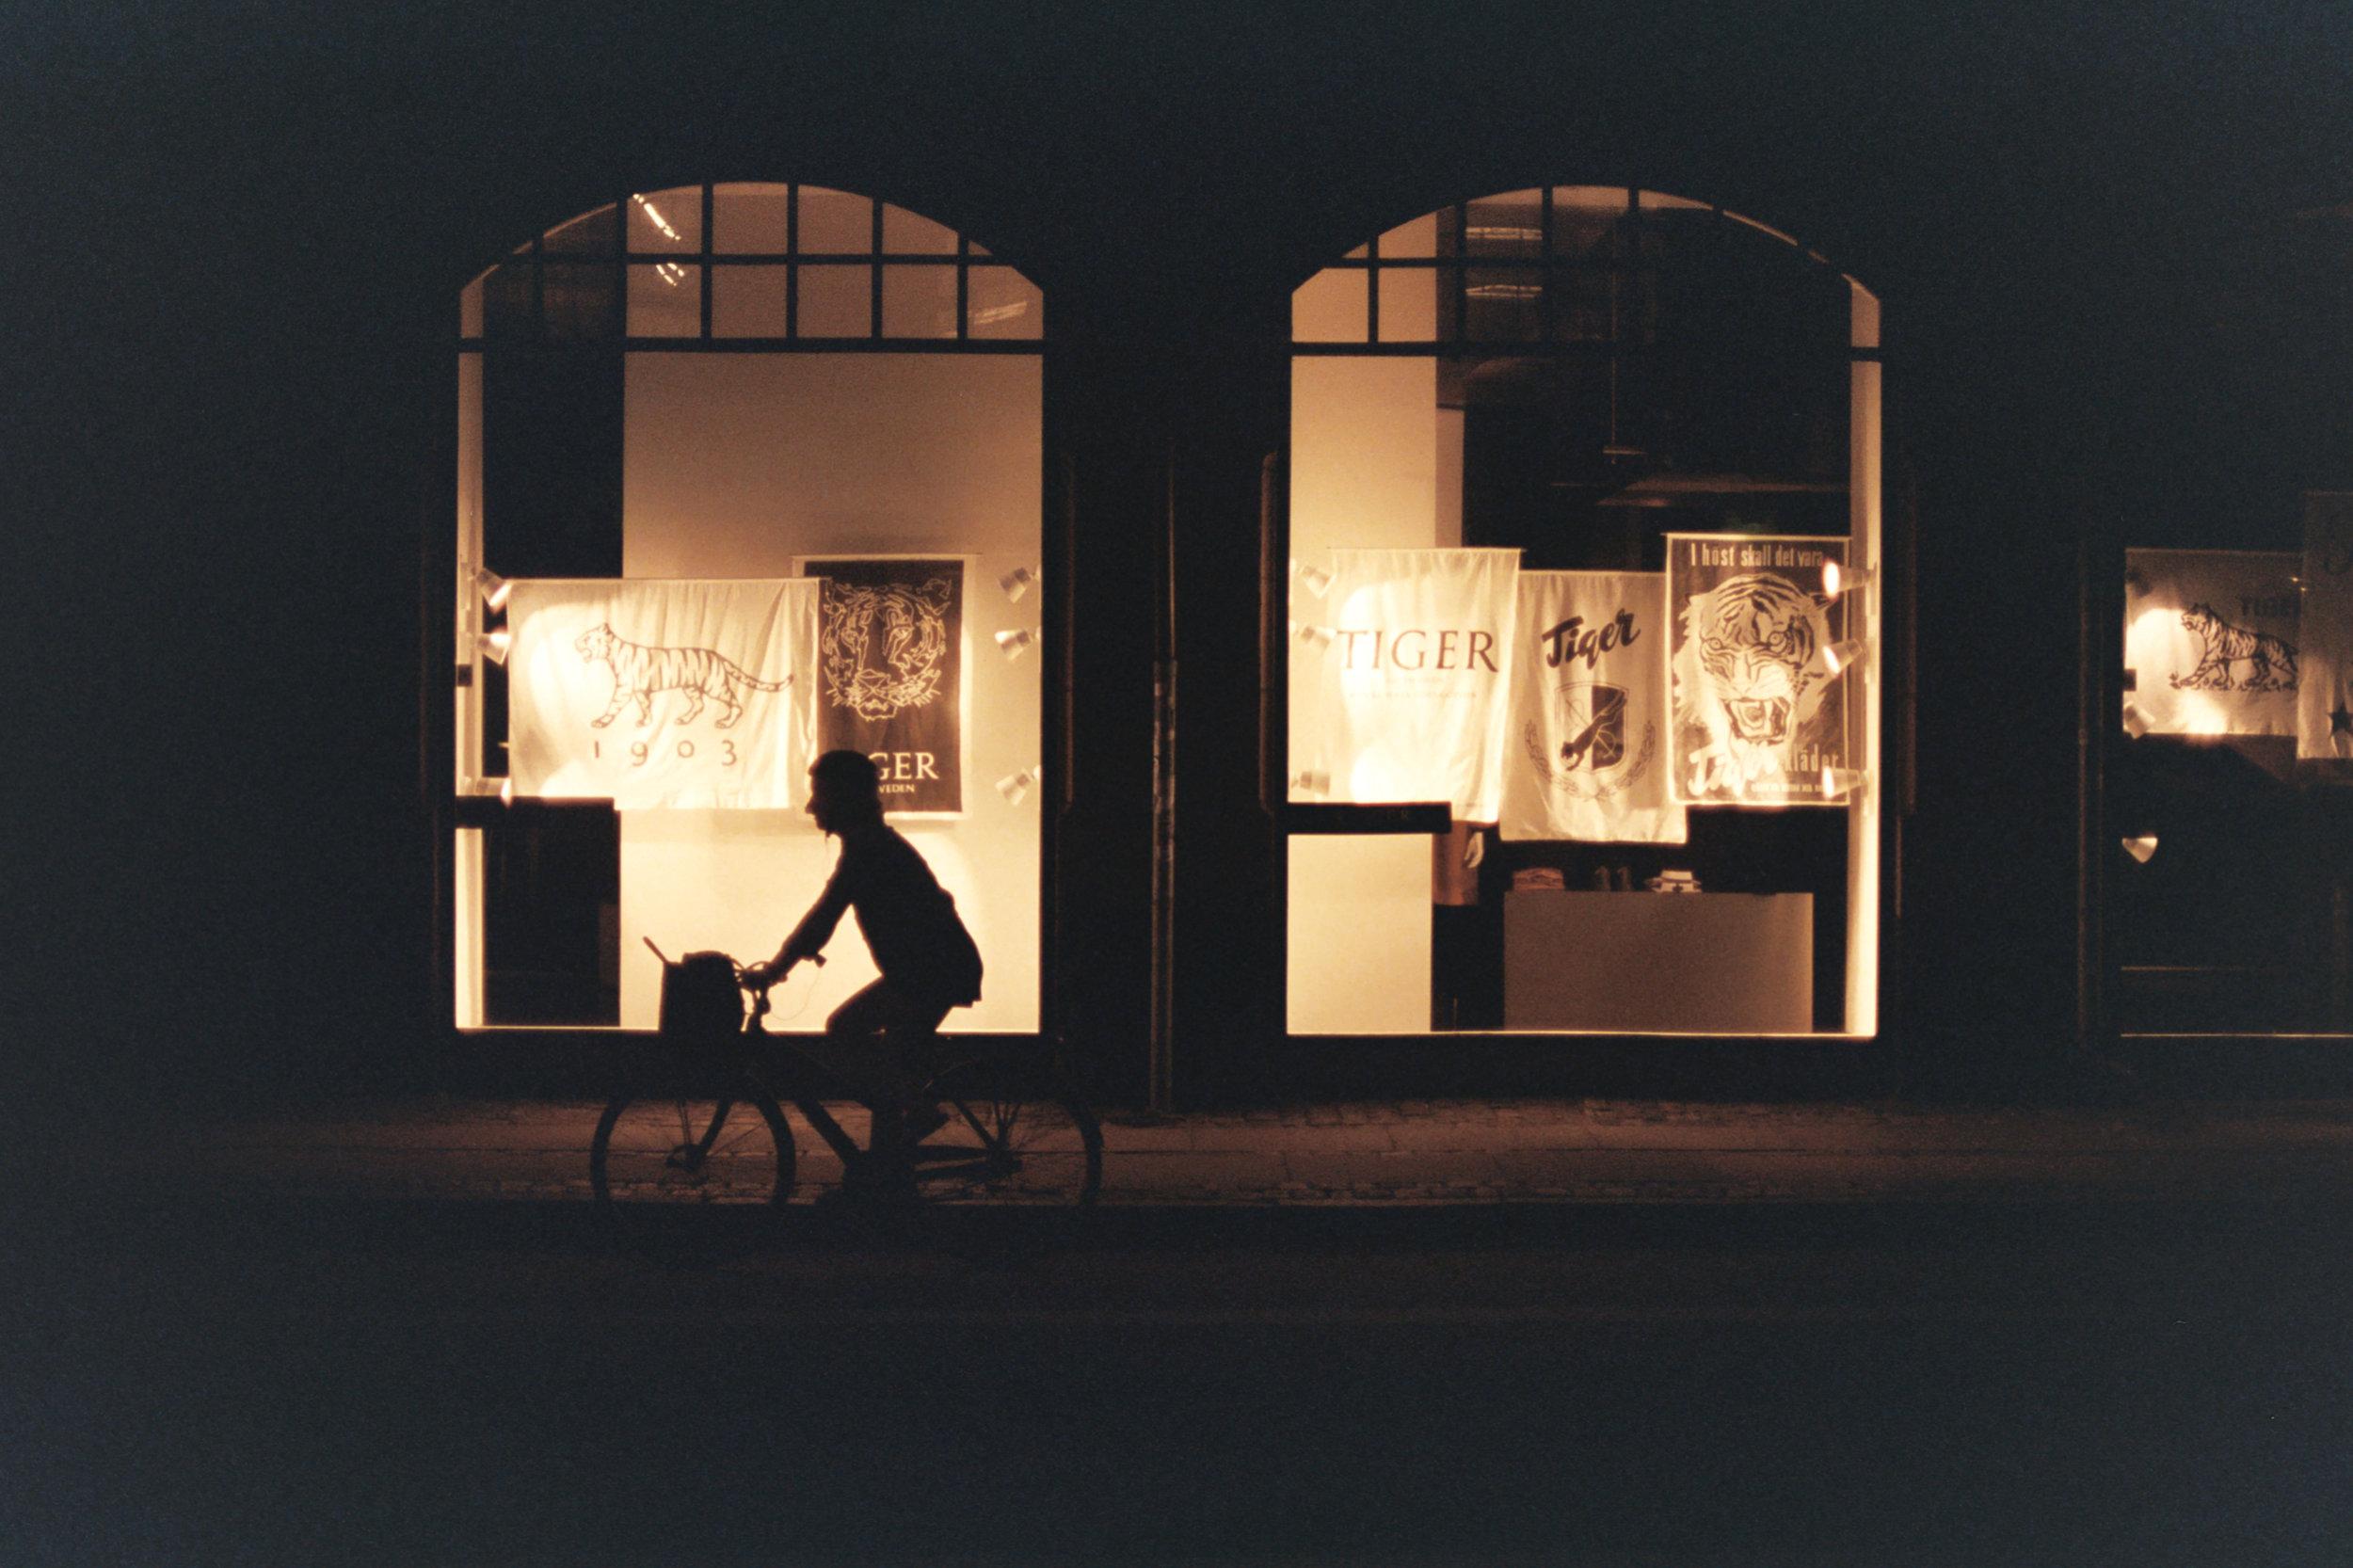 Copenhagen, Denmark. Twilight. Silhouette from shopfront.